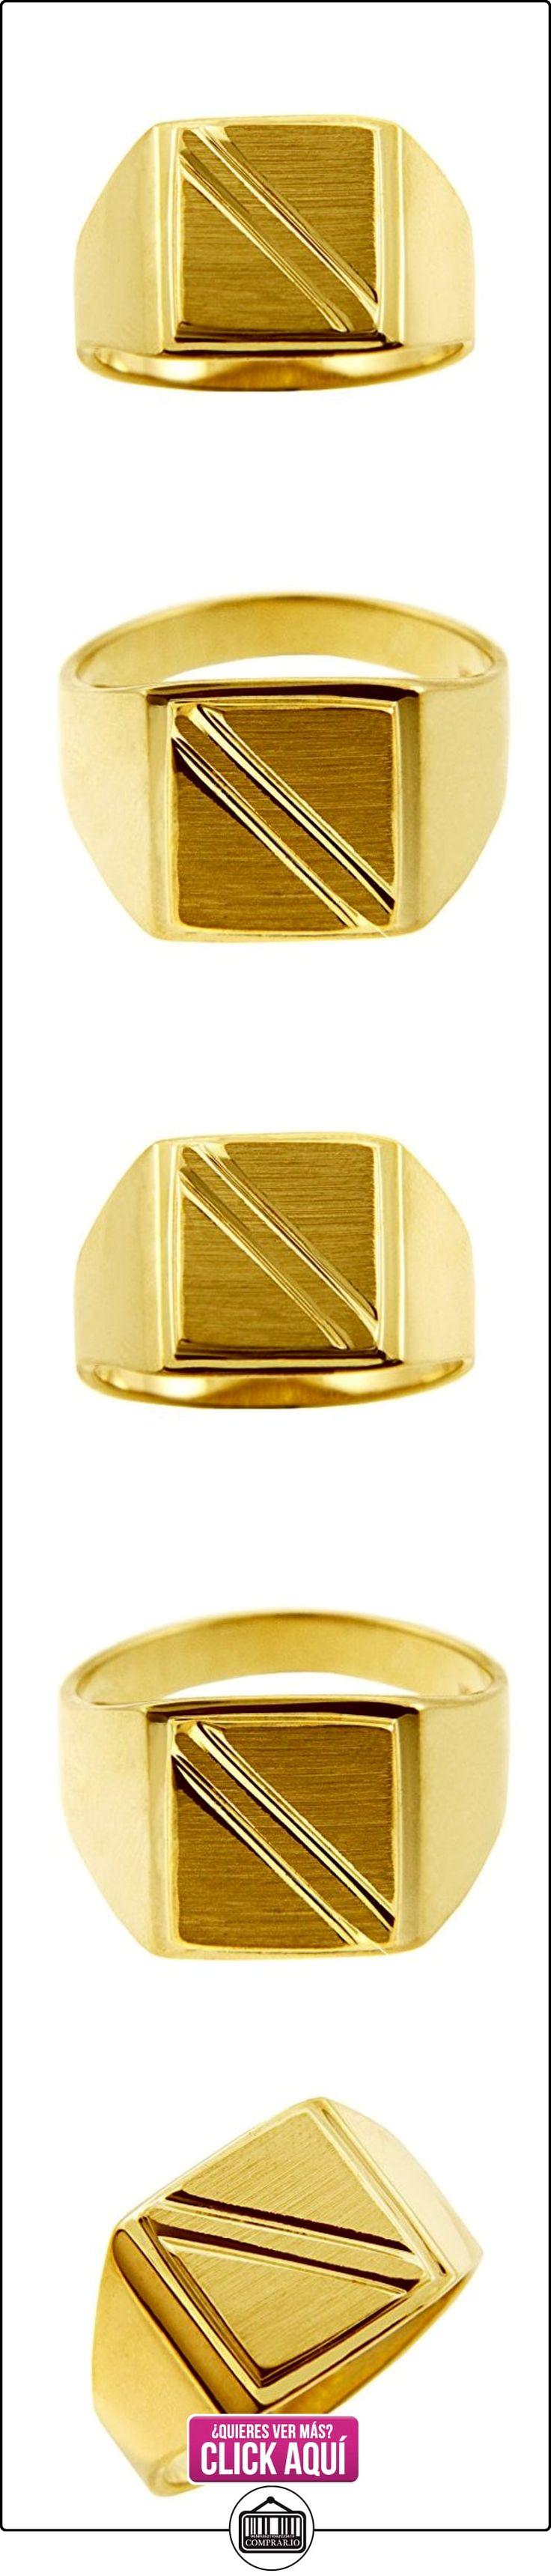 Pequeños Tesoros - Anillos Hombres Alianza De Boda 10 Kt Oro 471/1000 Sortija De sello  ✿ Joyas para hombres especiales - lujo ✿ ▬► Ver oferta: https://comprar.io/goto/B012788NQ0